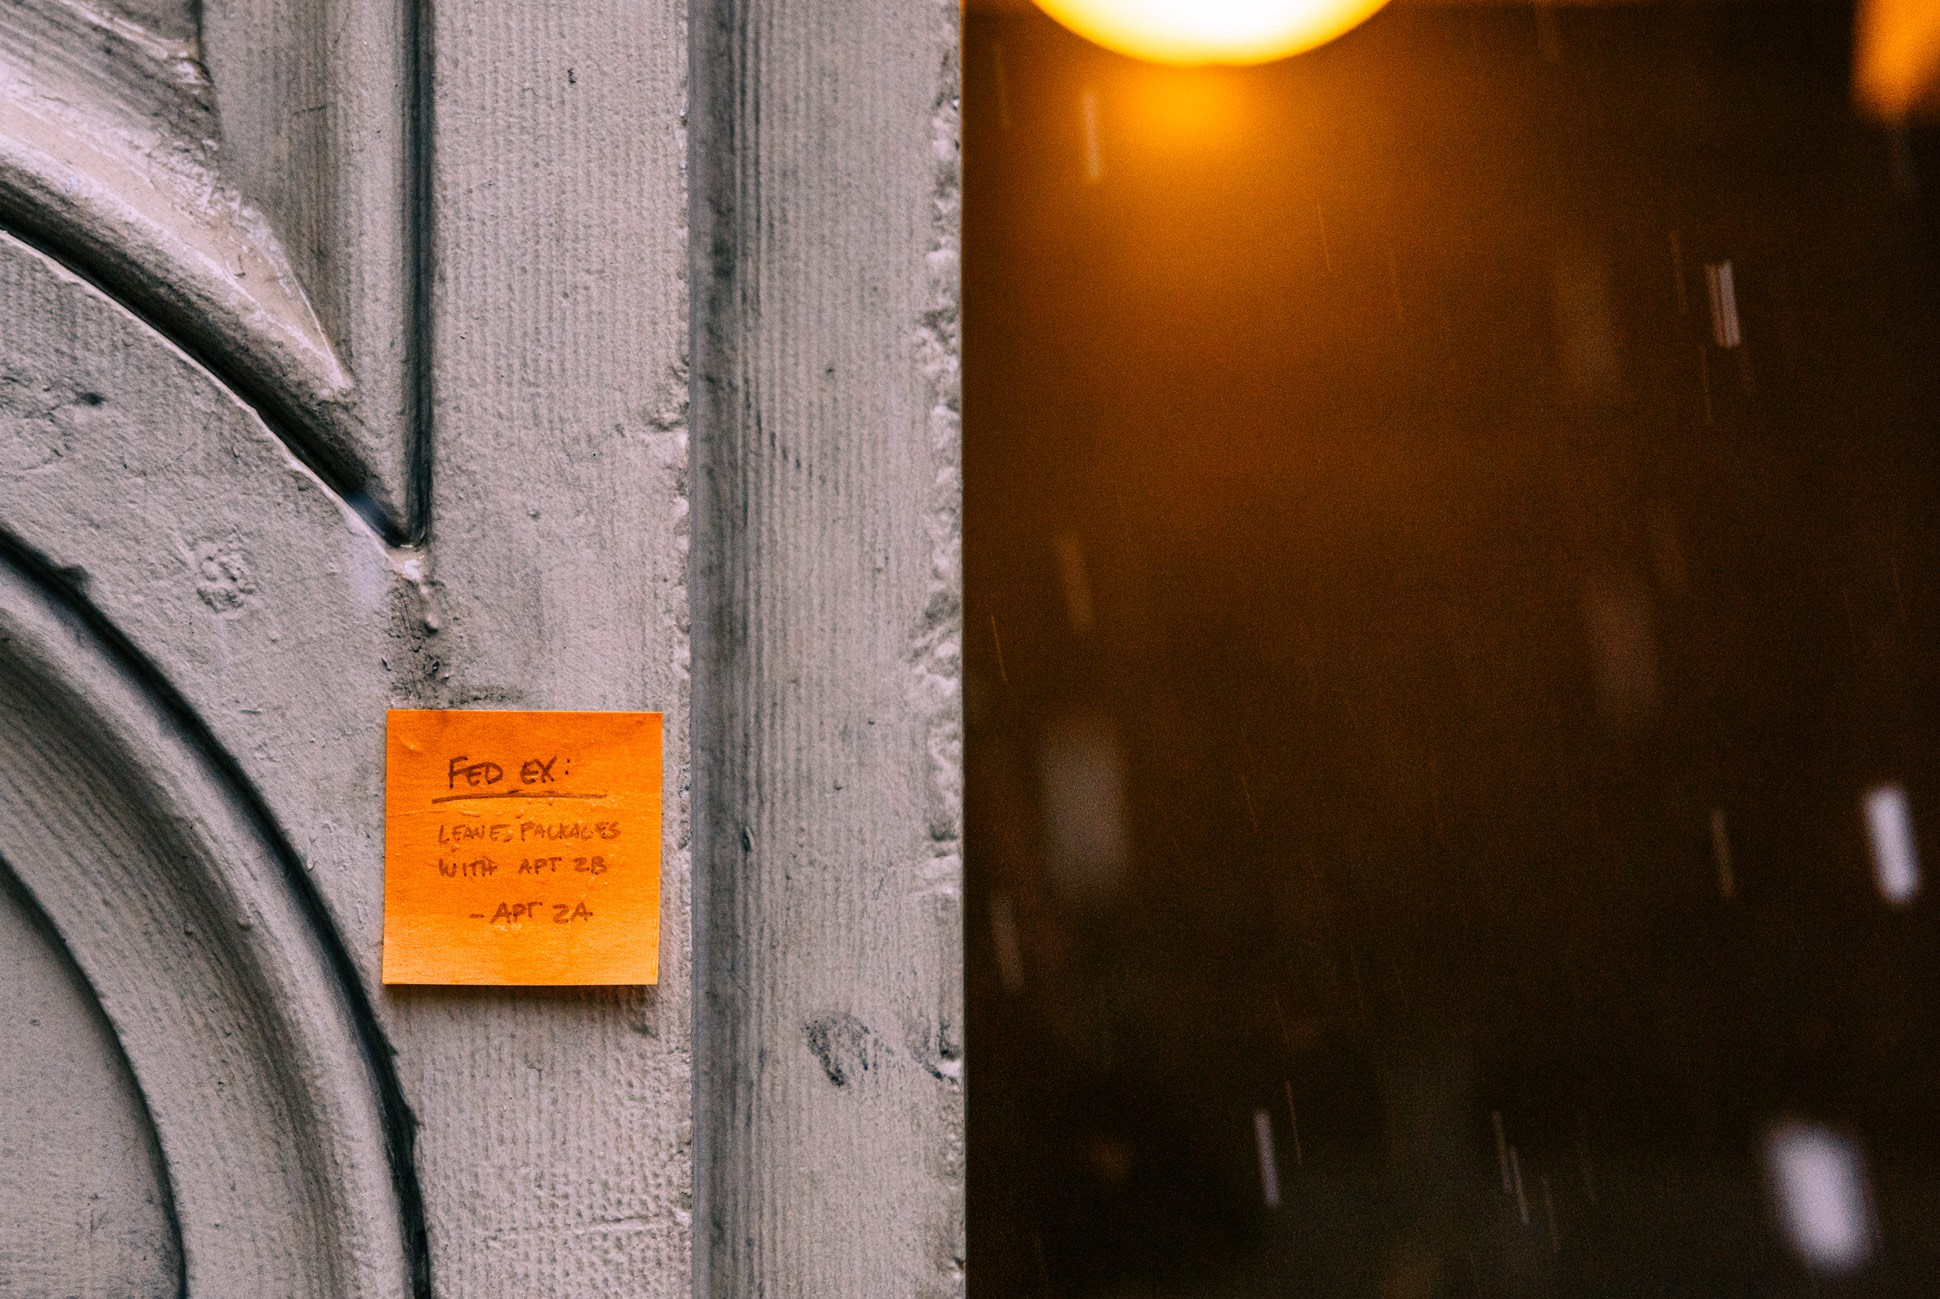 Bộ giấy note bền bỉ vượt nắng mưa bốn mùa dành riêng cho hội não cá vàng đãng trí - Ảnh 2.